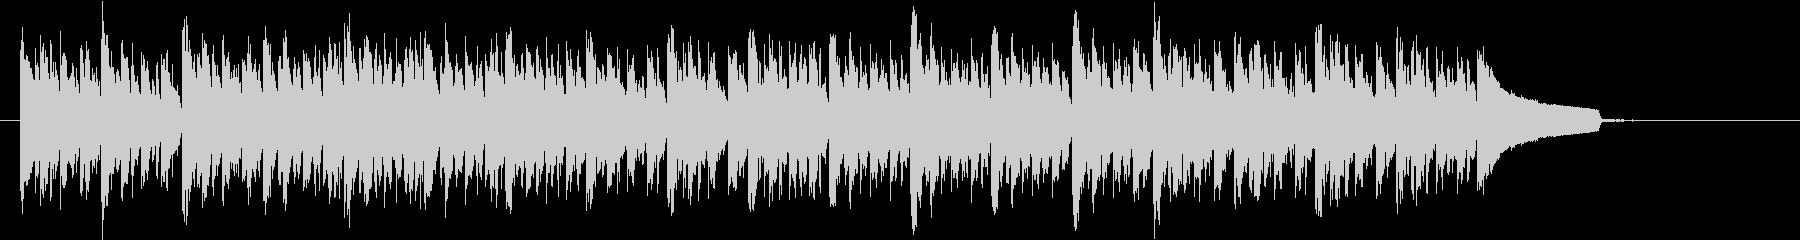 クールな緊張感のあるBGM ショートの未再生の波形